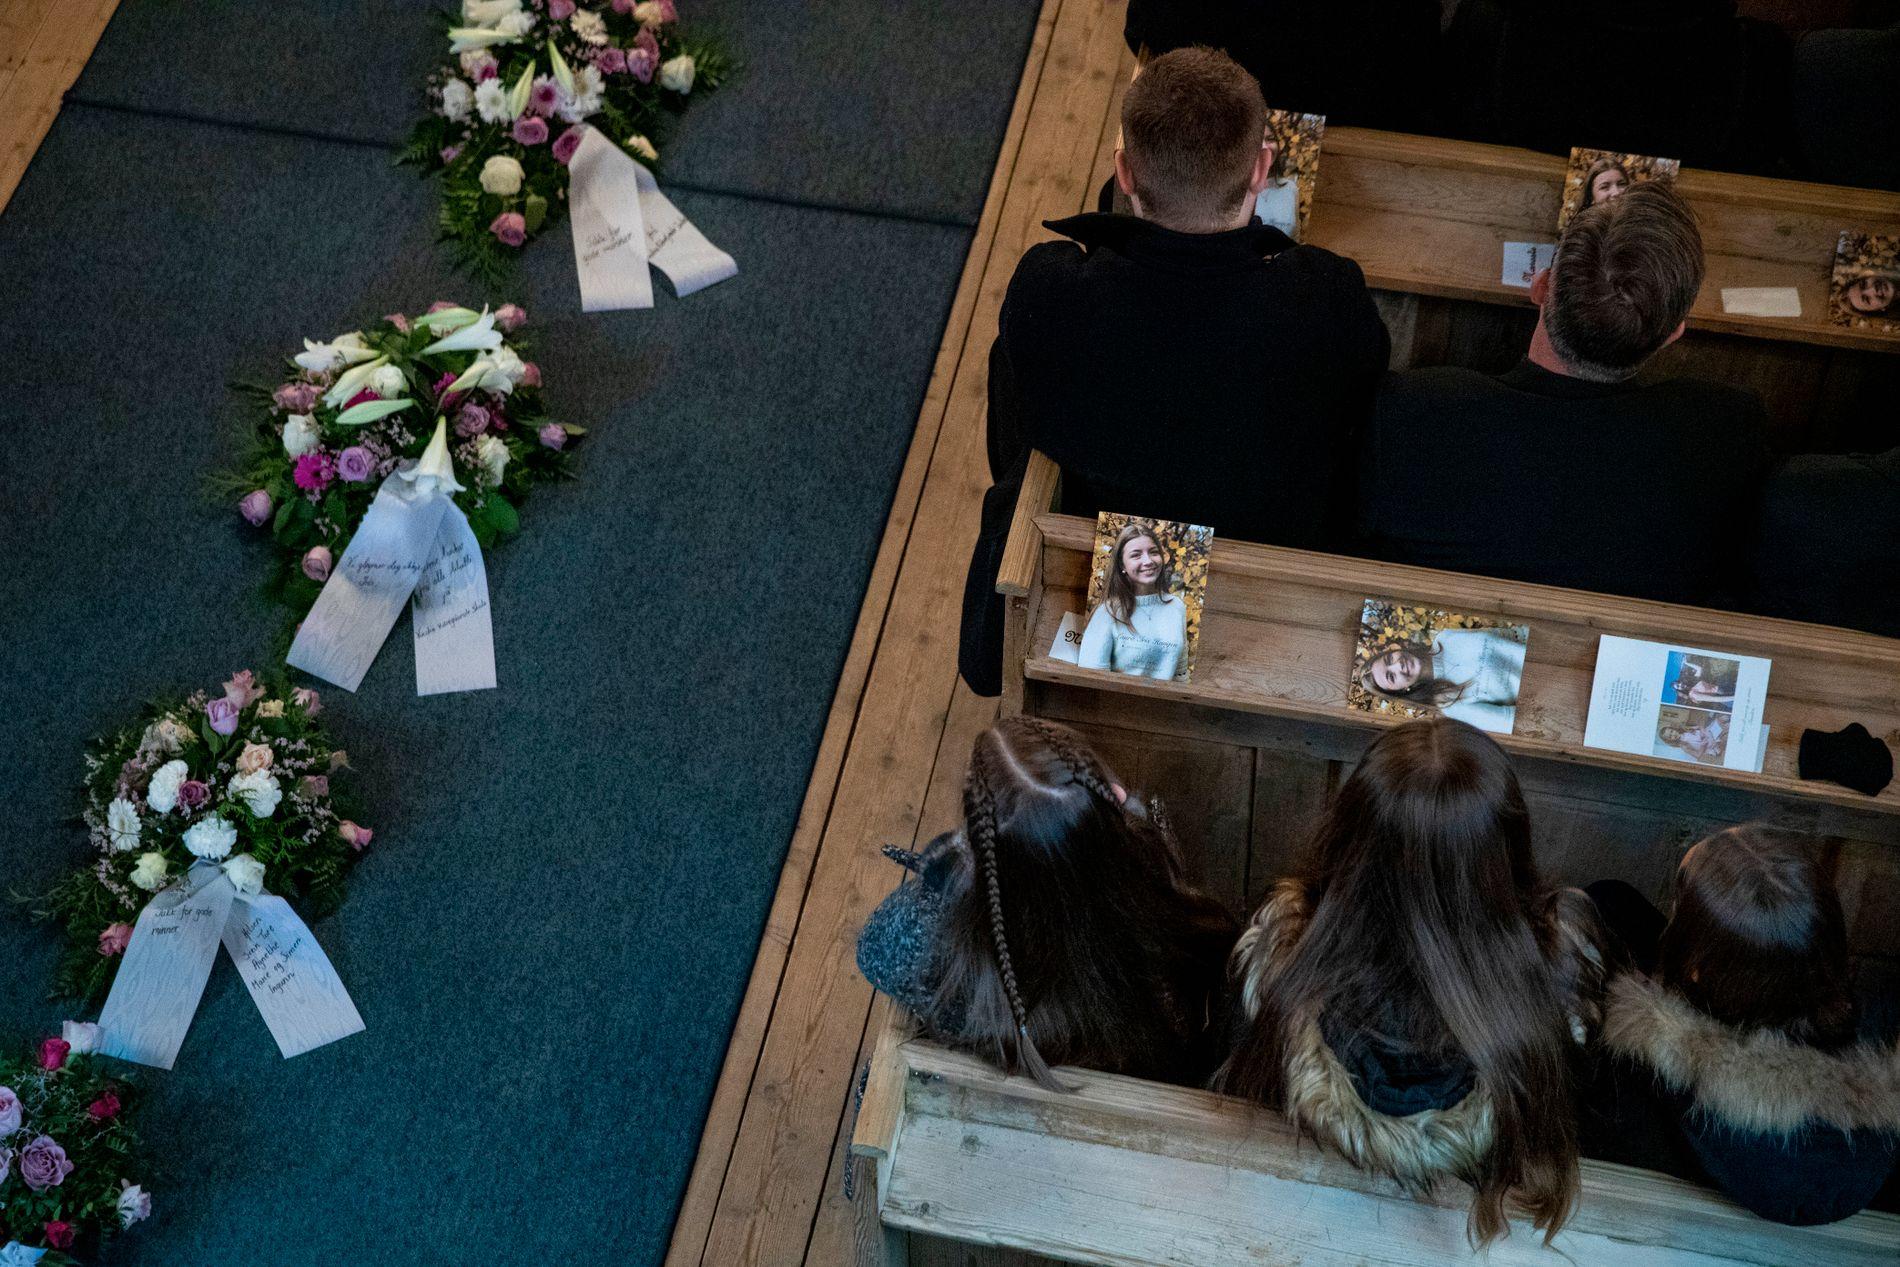 GRAVLAGT: 16 år gamle Laura Iris Haugen ble gravlagt fra Sødorp kirke i Nord-Fron 14. november.